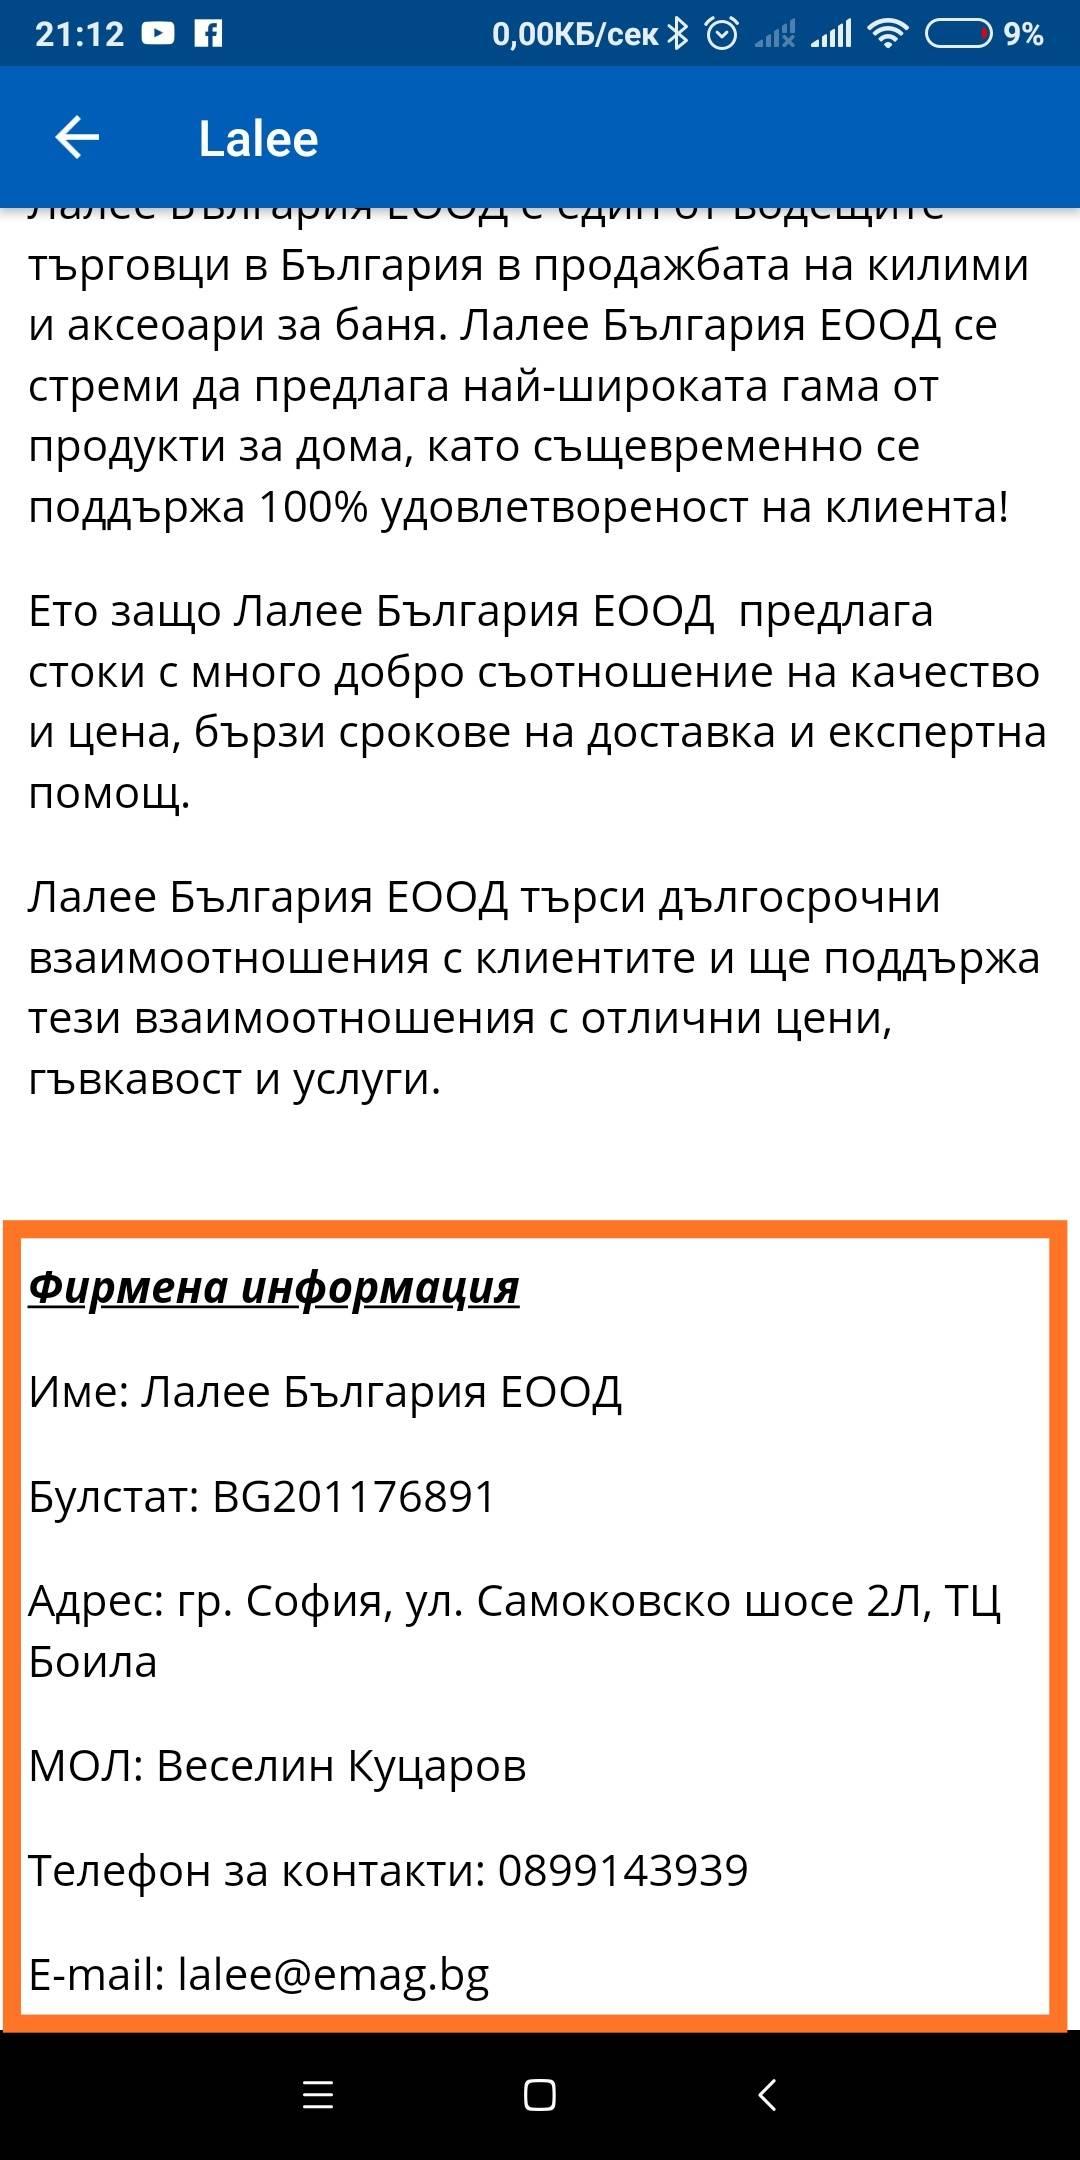 c8f8e58e310 Как ЕМАГ ни Лъжат !!! - Всичко останало - kaldata.com - Форуми